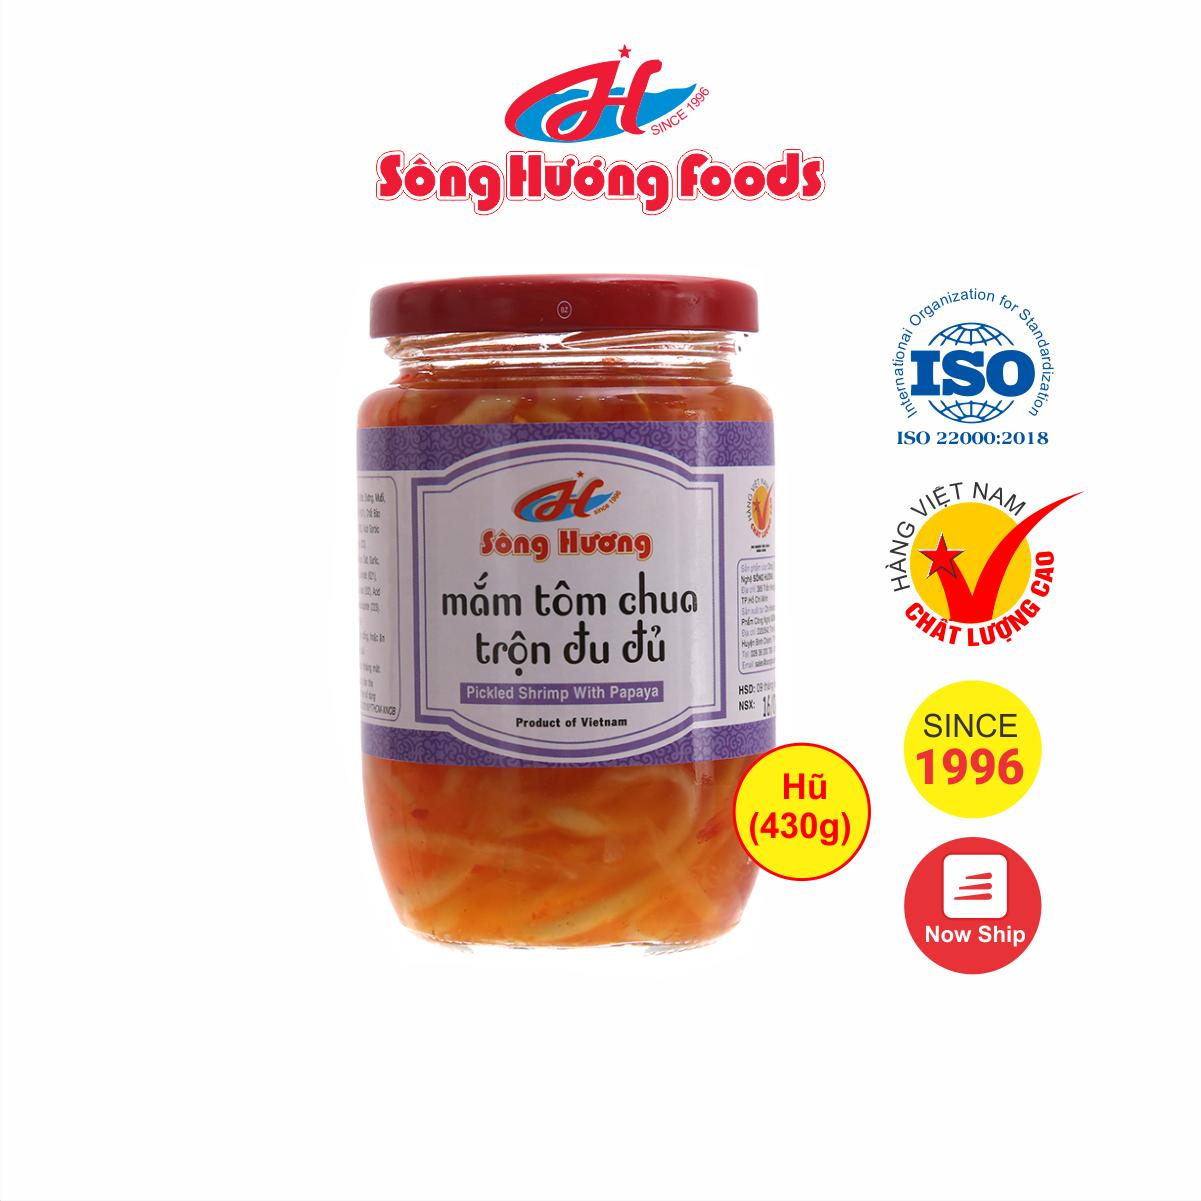 Mắm Tôm Chua Trộn Đu Đủ Sông Hương Foods Hũ 430g